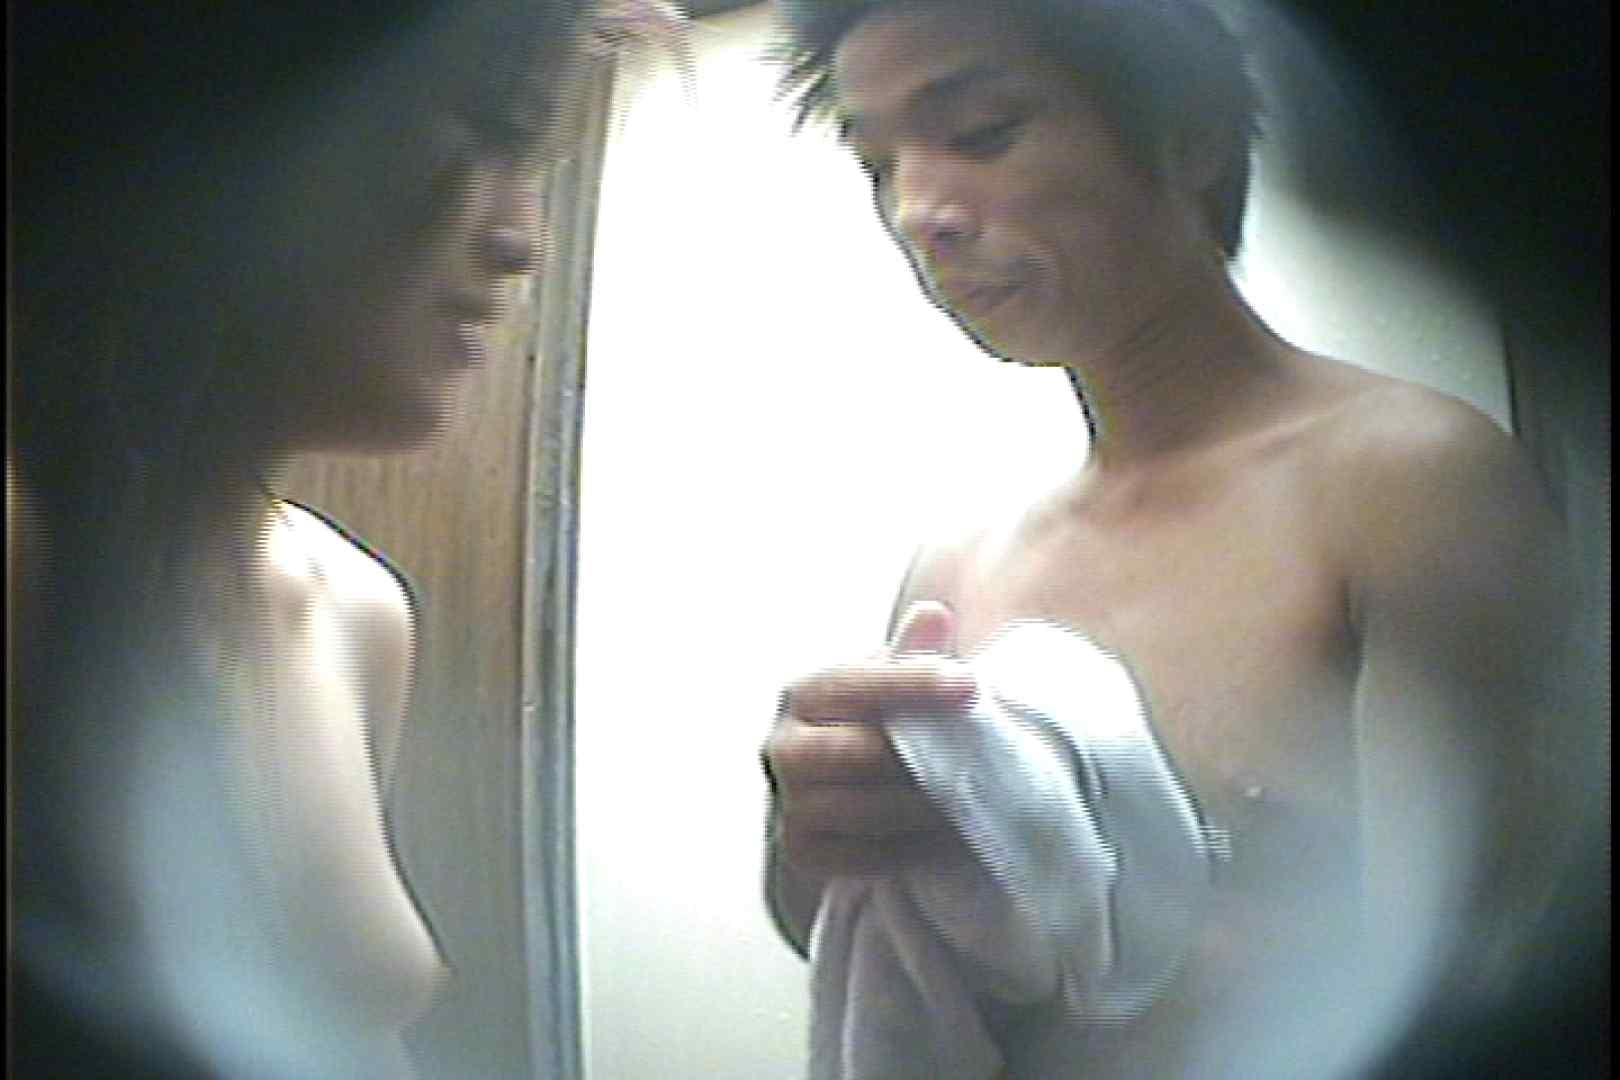 海の家の更衣室 Vol.38 シャワー | OLの実態  24pic 22